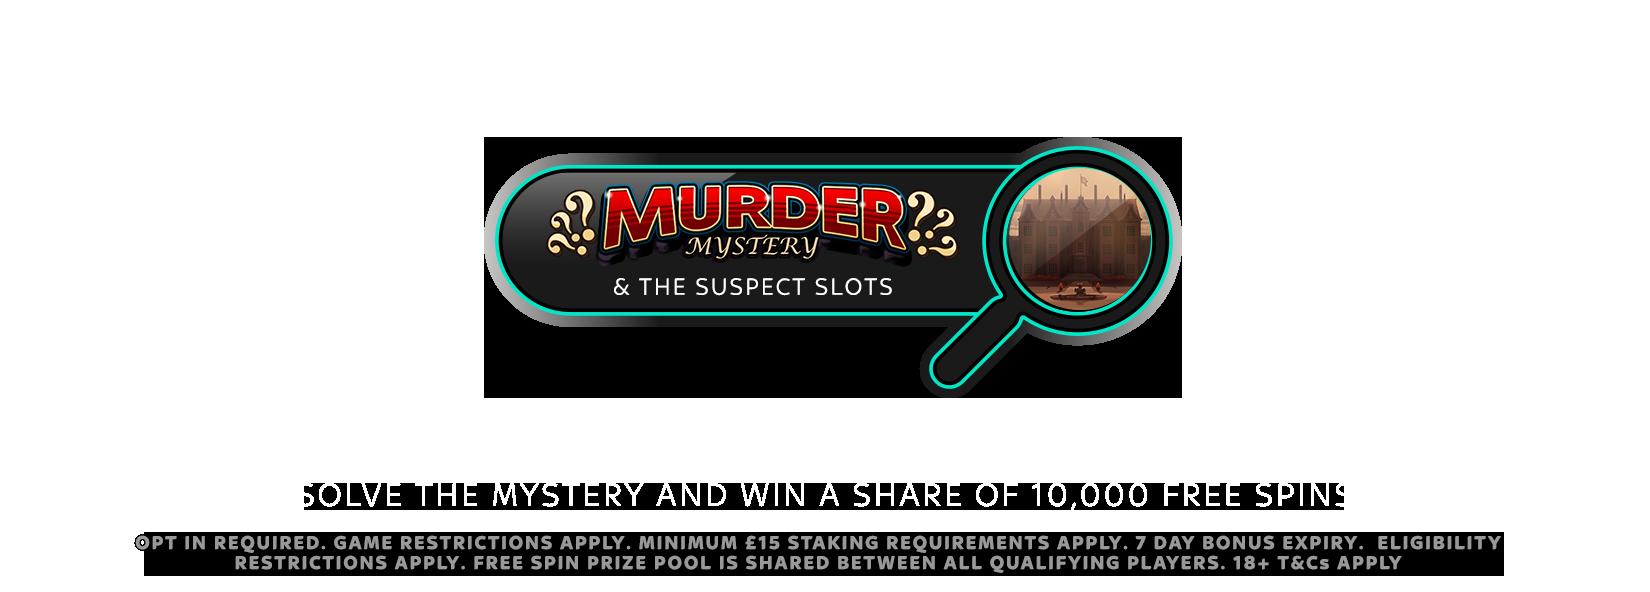 C.L.Murder.Mystery.Week3.Opt.In